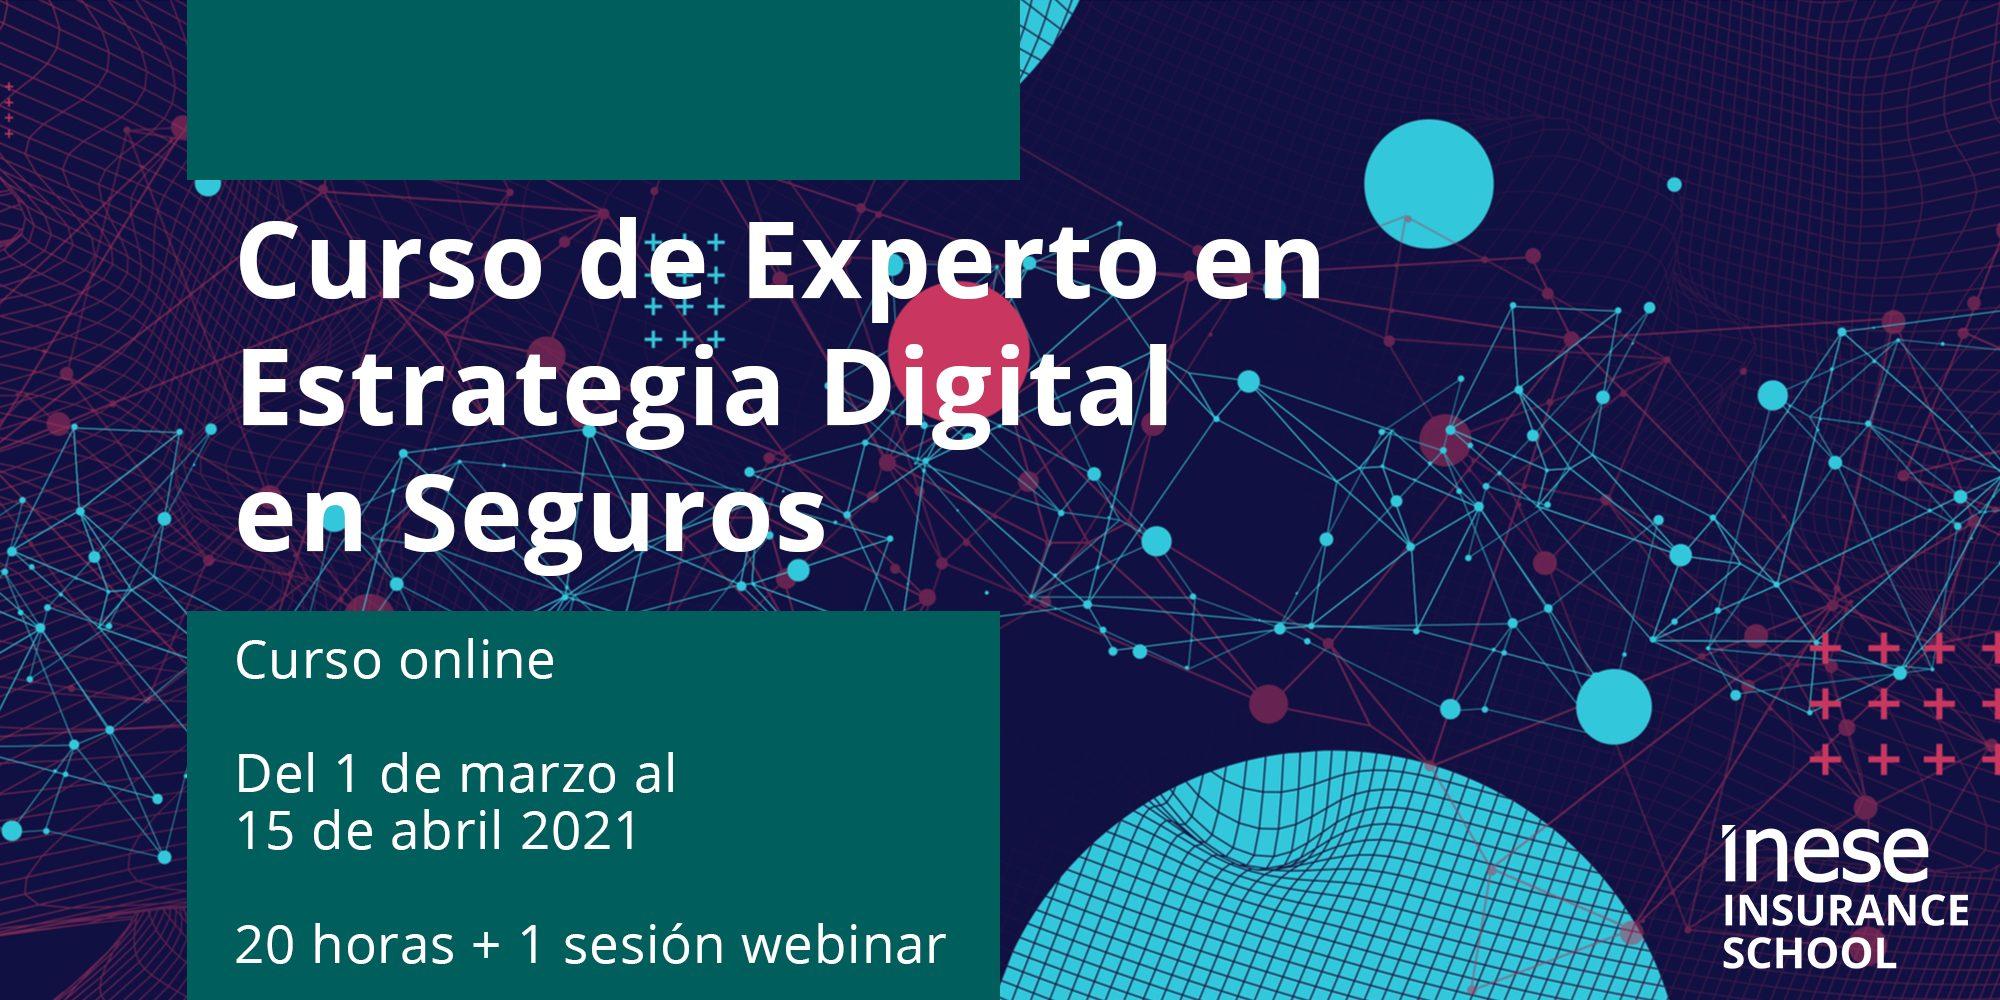 Curso online de Experto en Estrategia Digital en Seguros (bonificable)